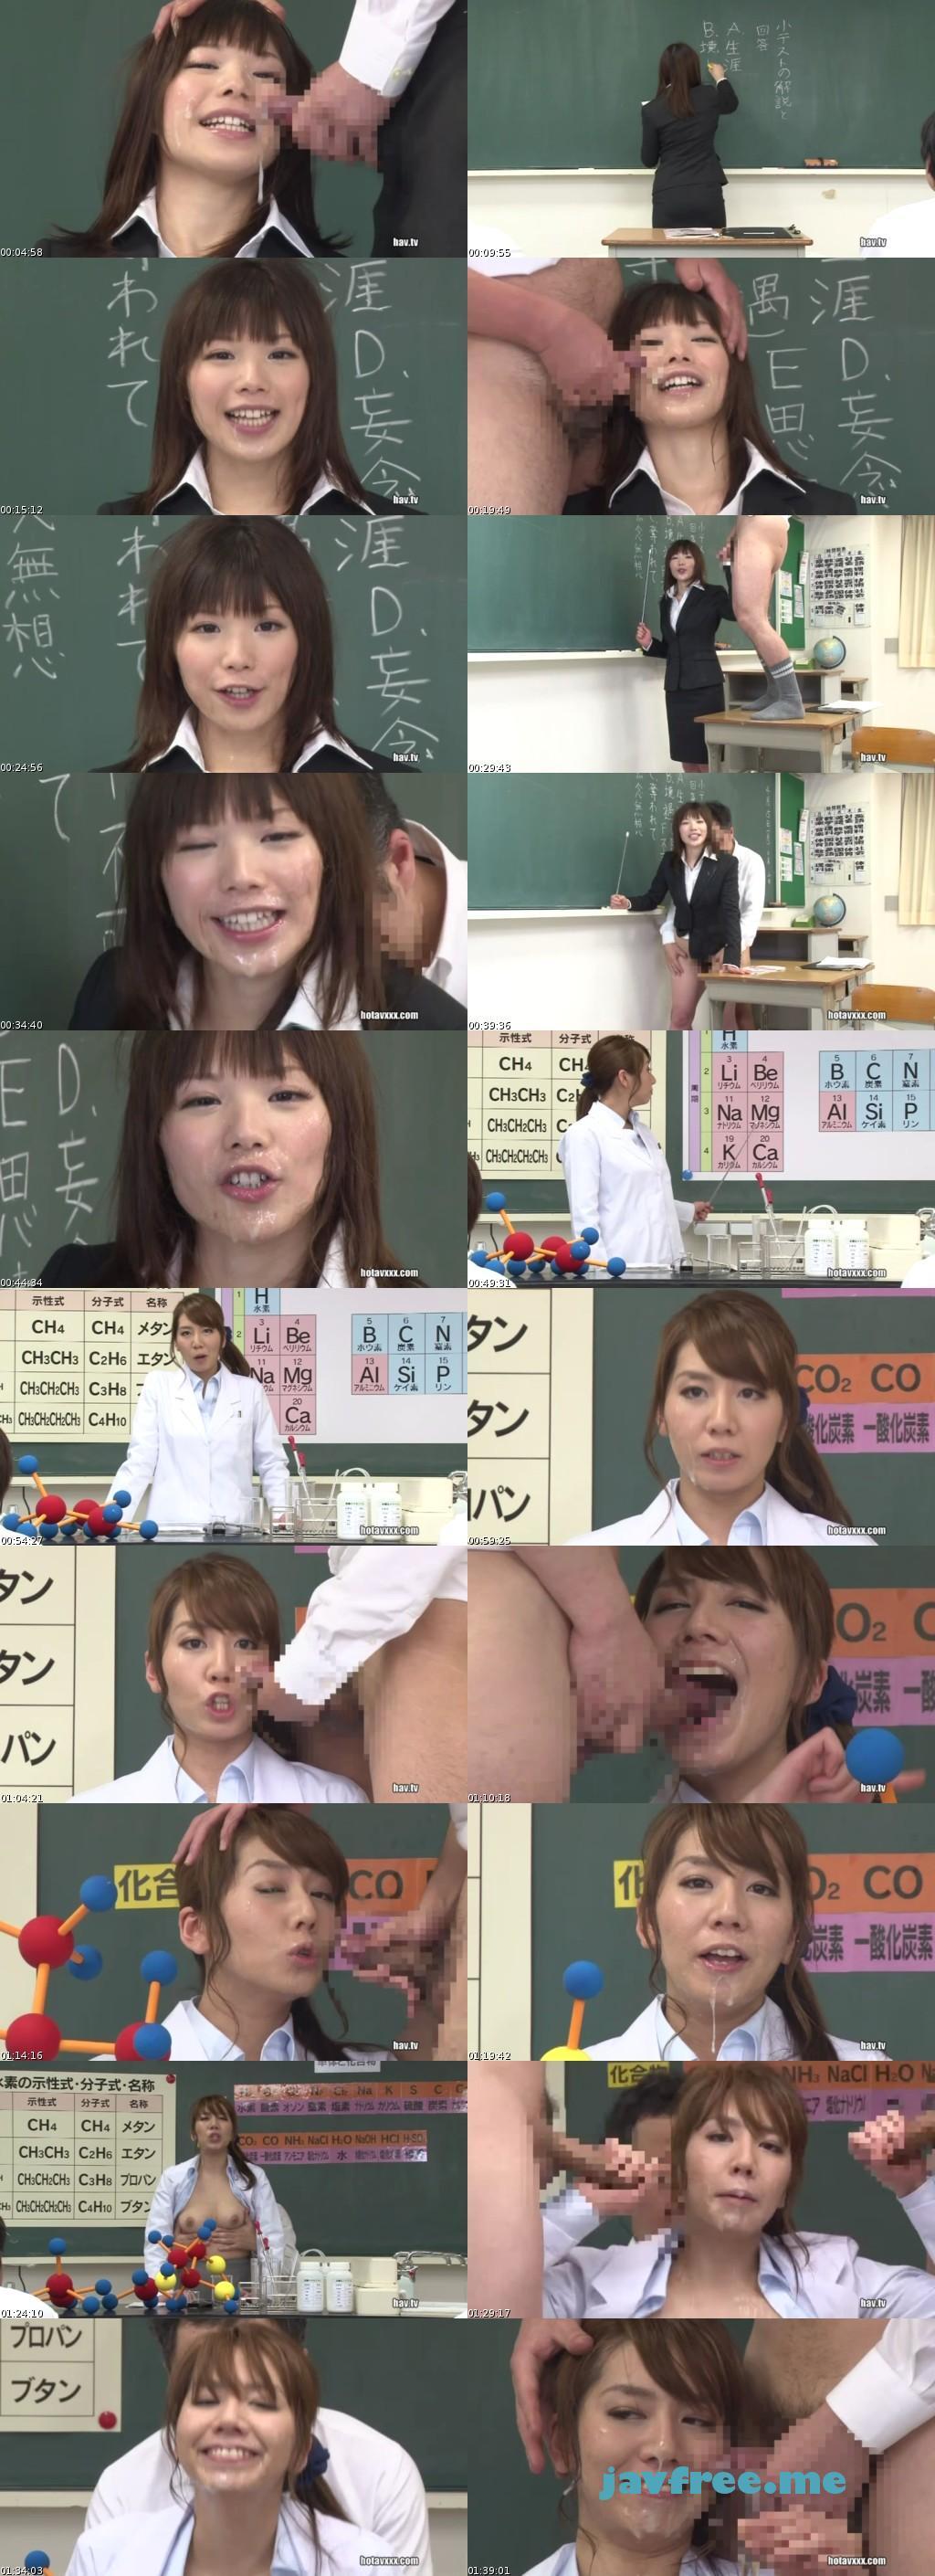 [RCT 489] 女教師に顔射! 川島さな 佐伯春菜 RCT